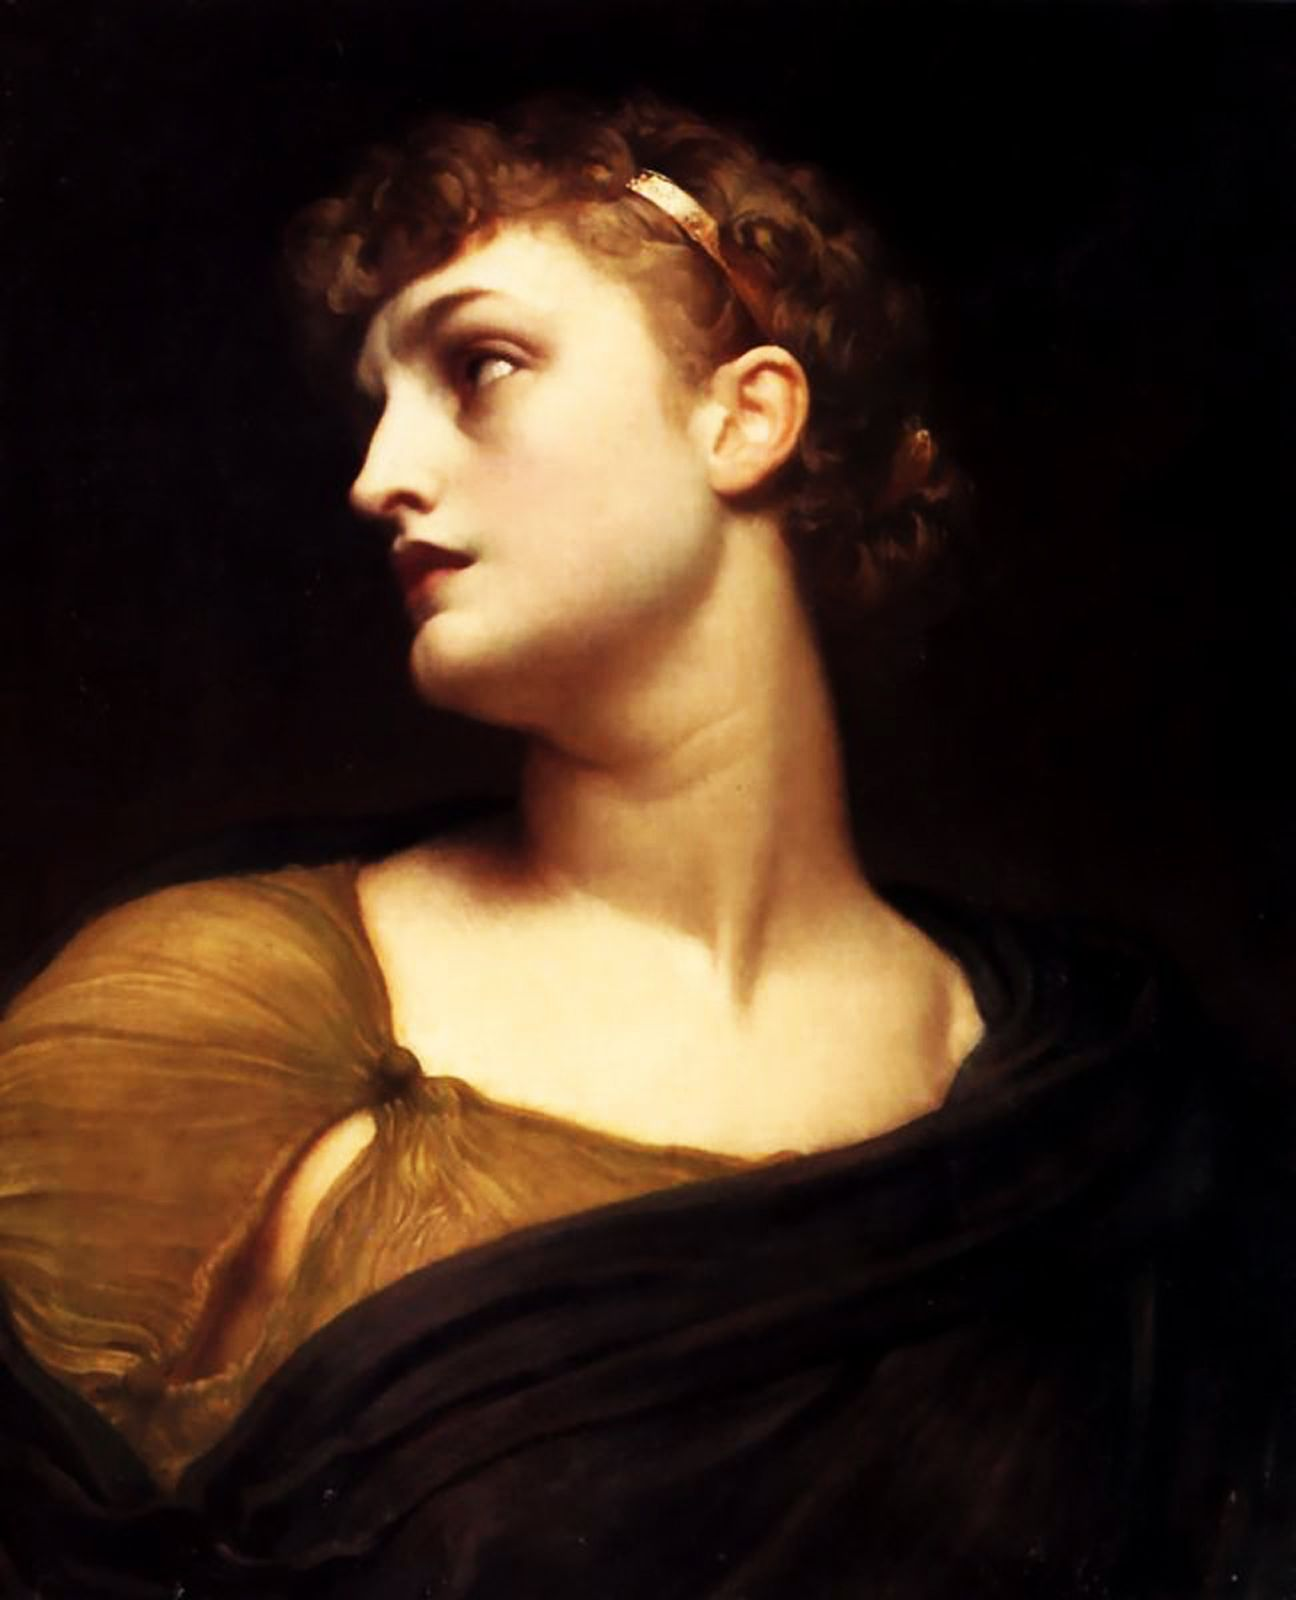 009 Sir Frederick Leighton (18301896) Antigone Oil on canvas